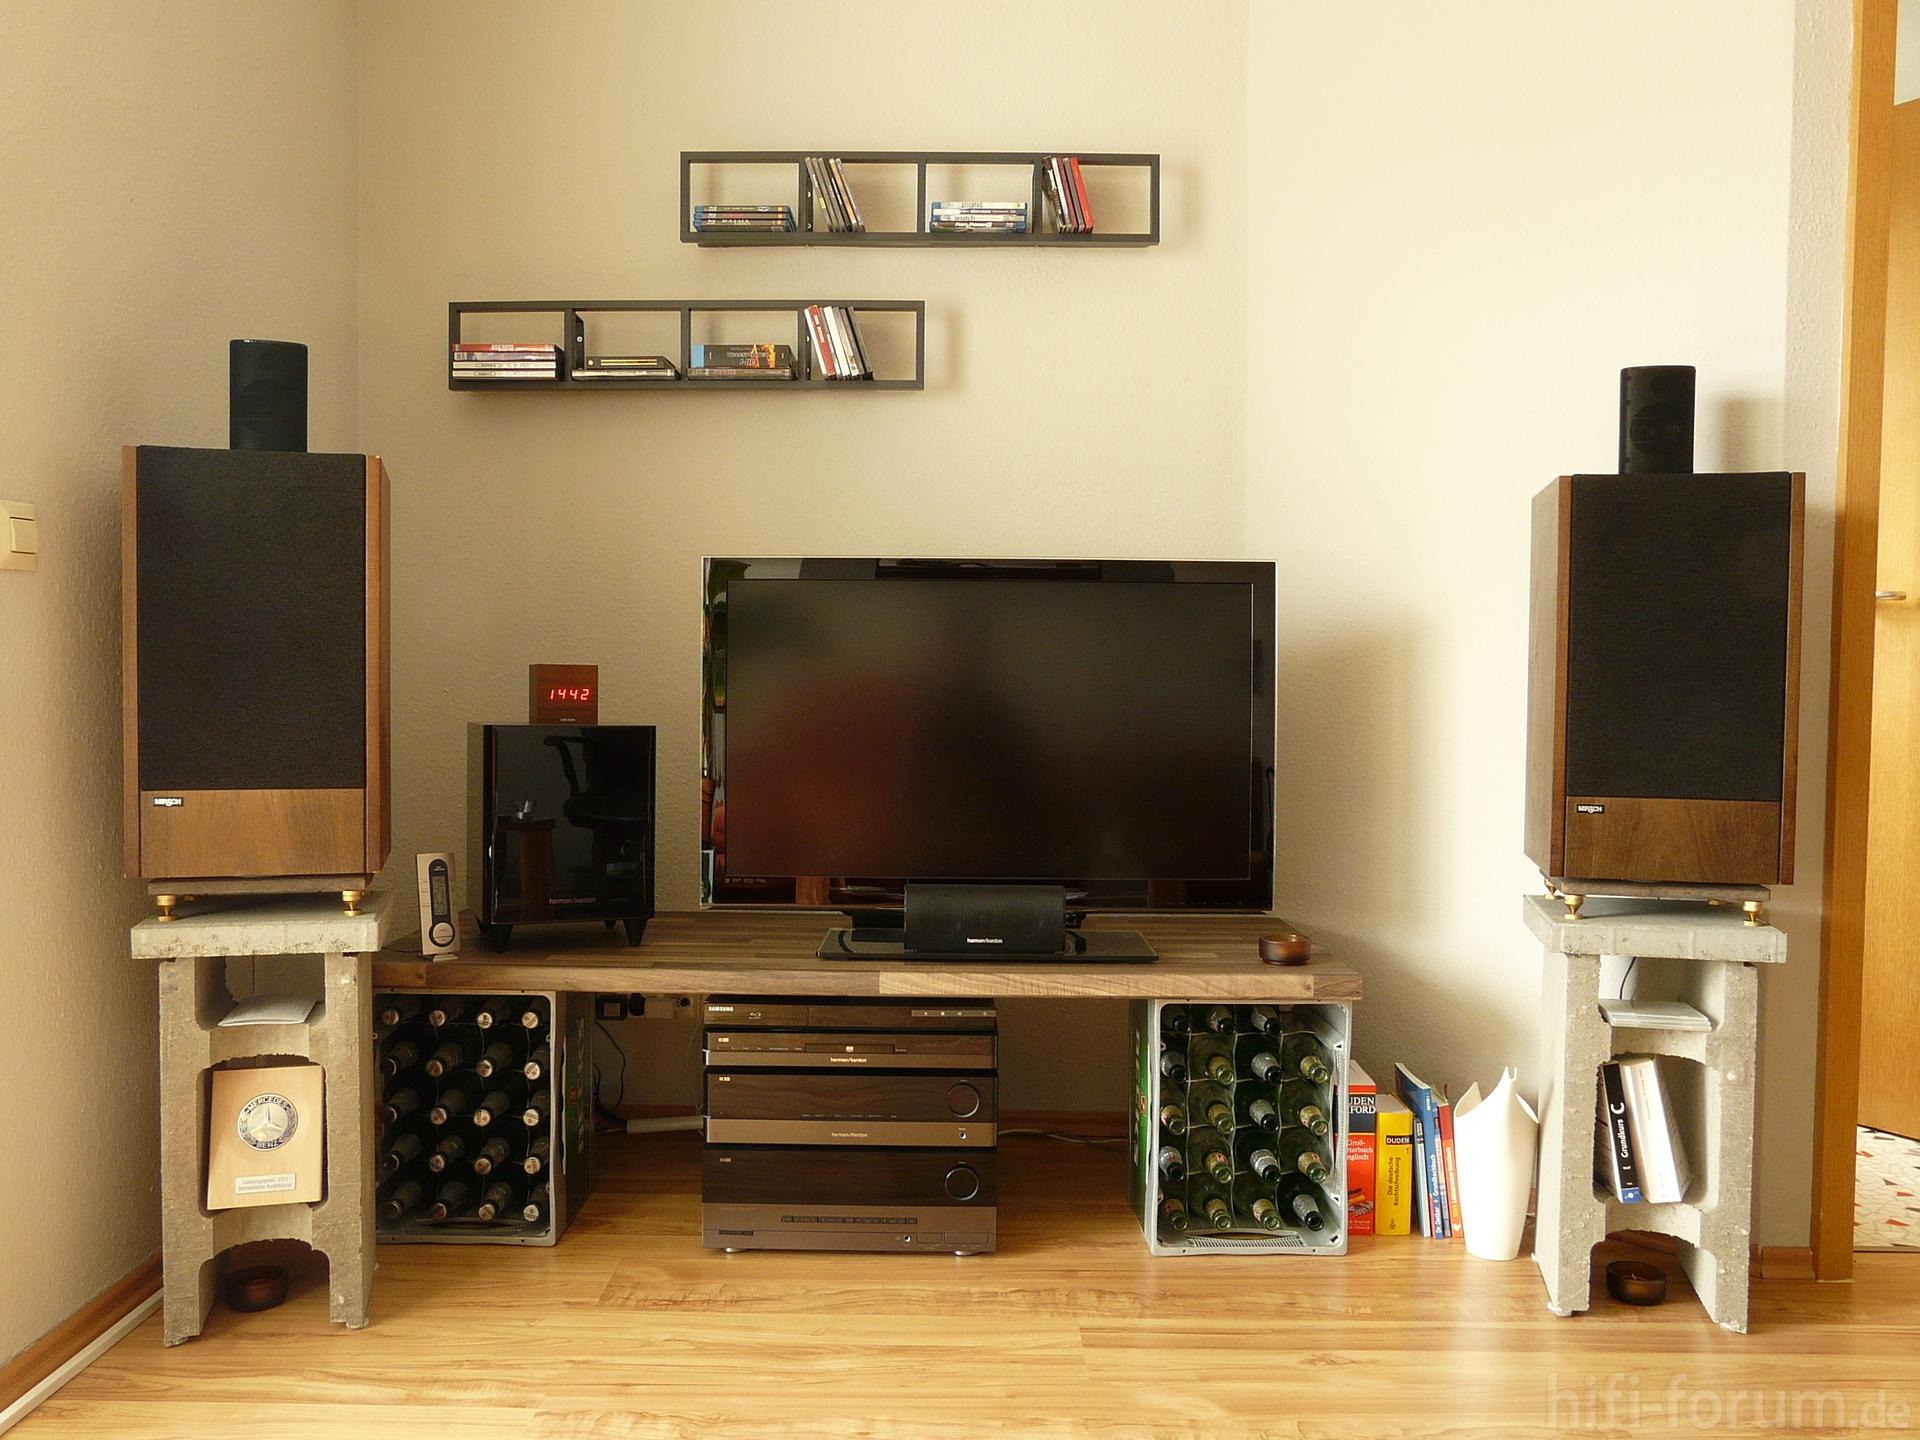 thepools harman kardon anlage anlage harman kardon. Black Bedroom Furniture Sets. Home Design Ideas